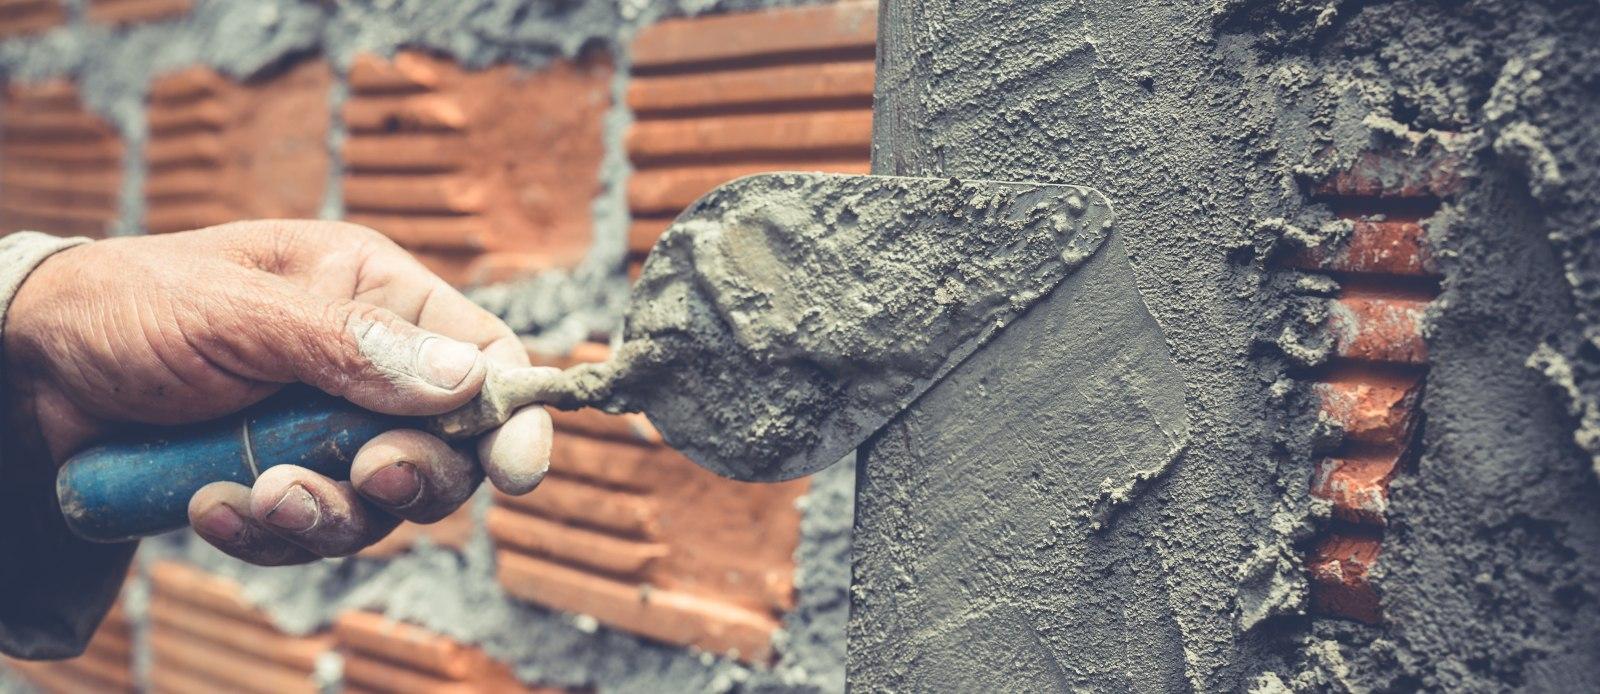 Construir una nueva pared sería una reparación no locativa